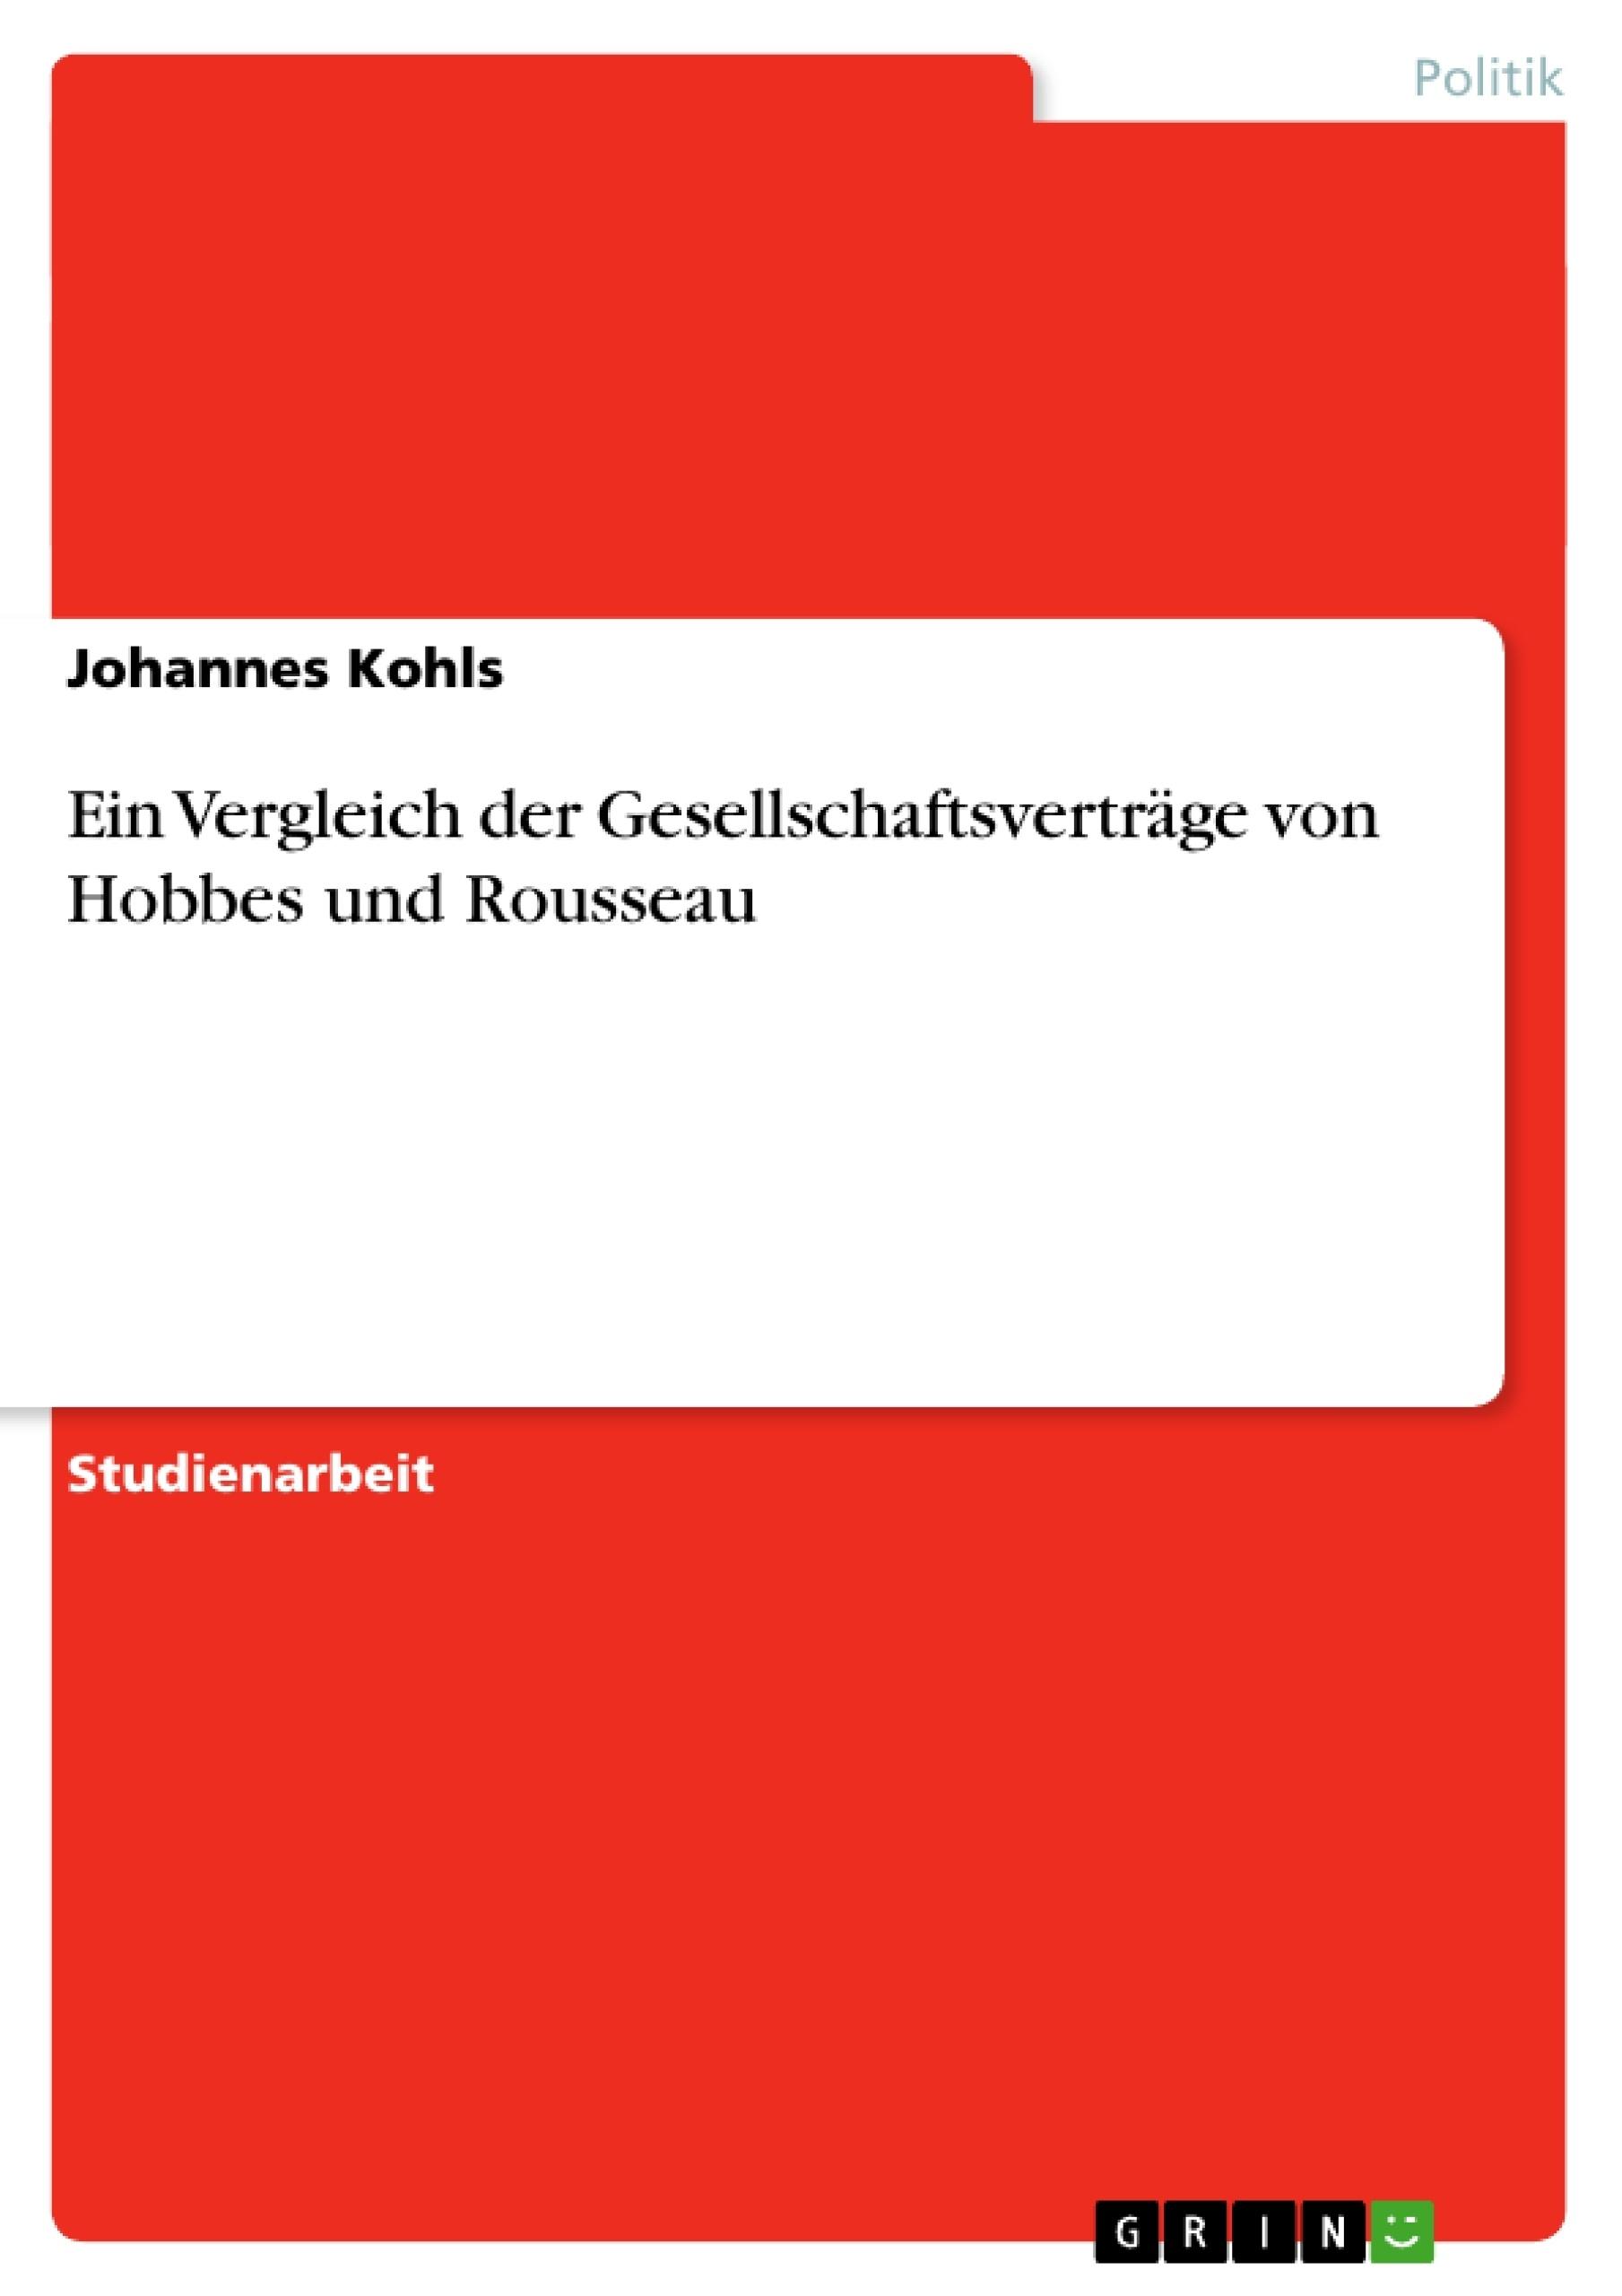 Titel: Ein Vergleich der Gesellschaftsverträge von Hobbes und Rousseau